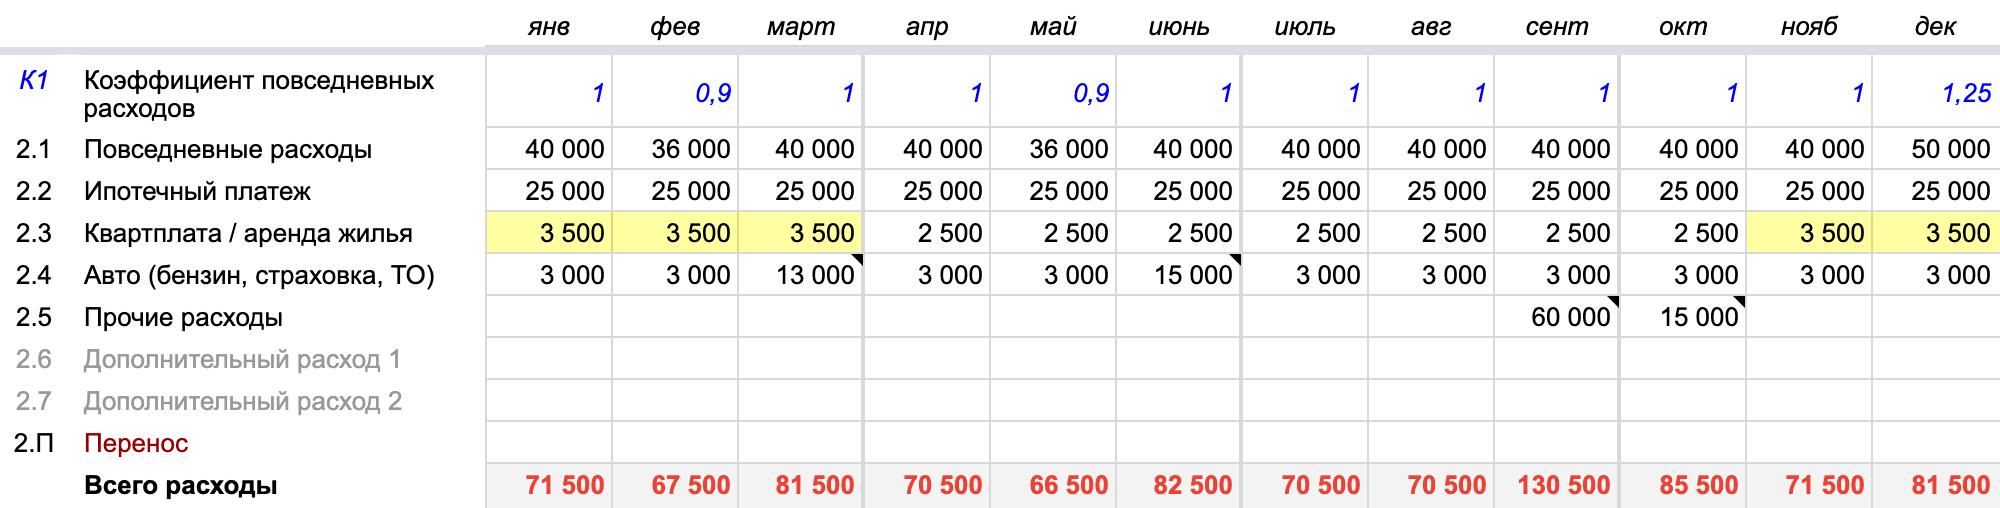 Указывая плату за ЖКХ, не забудьте, что зимой она увеличится